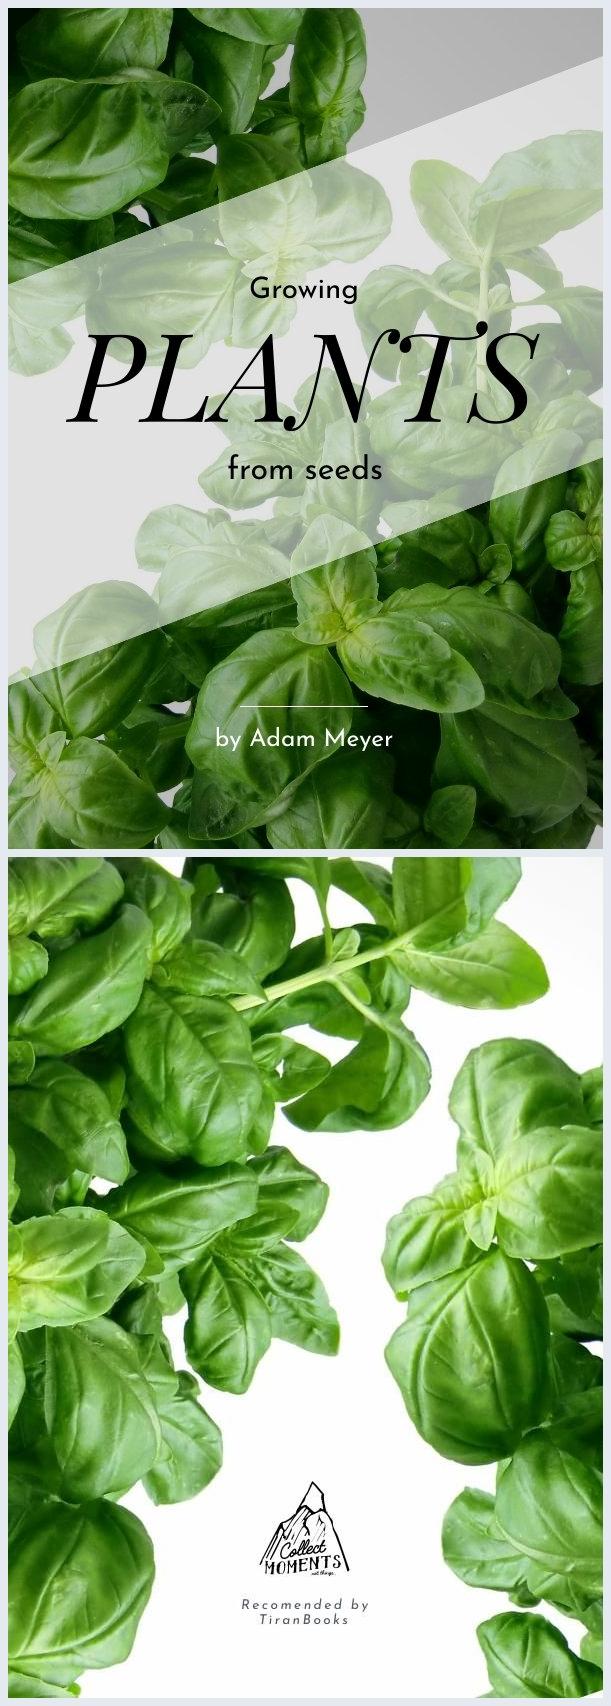 Planten kweken boeken omslag